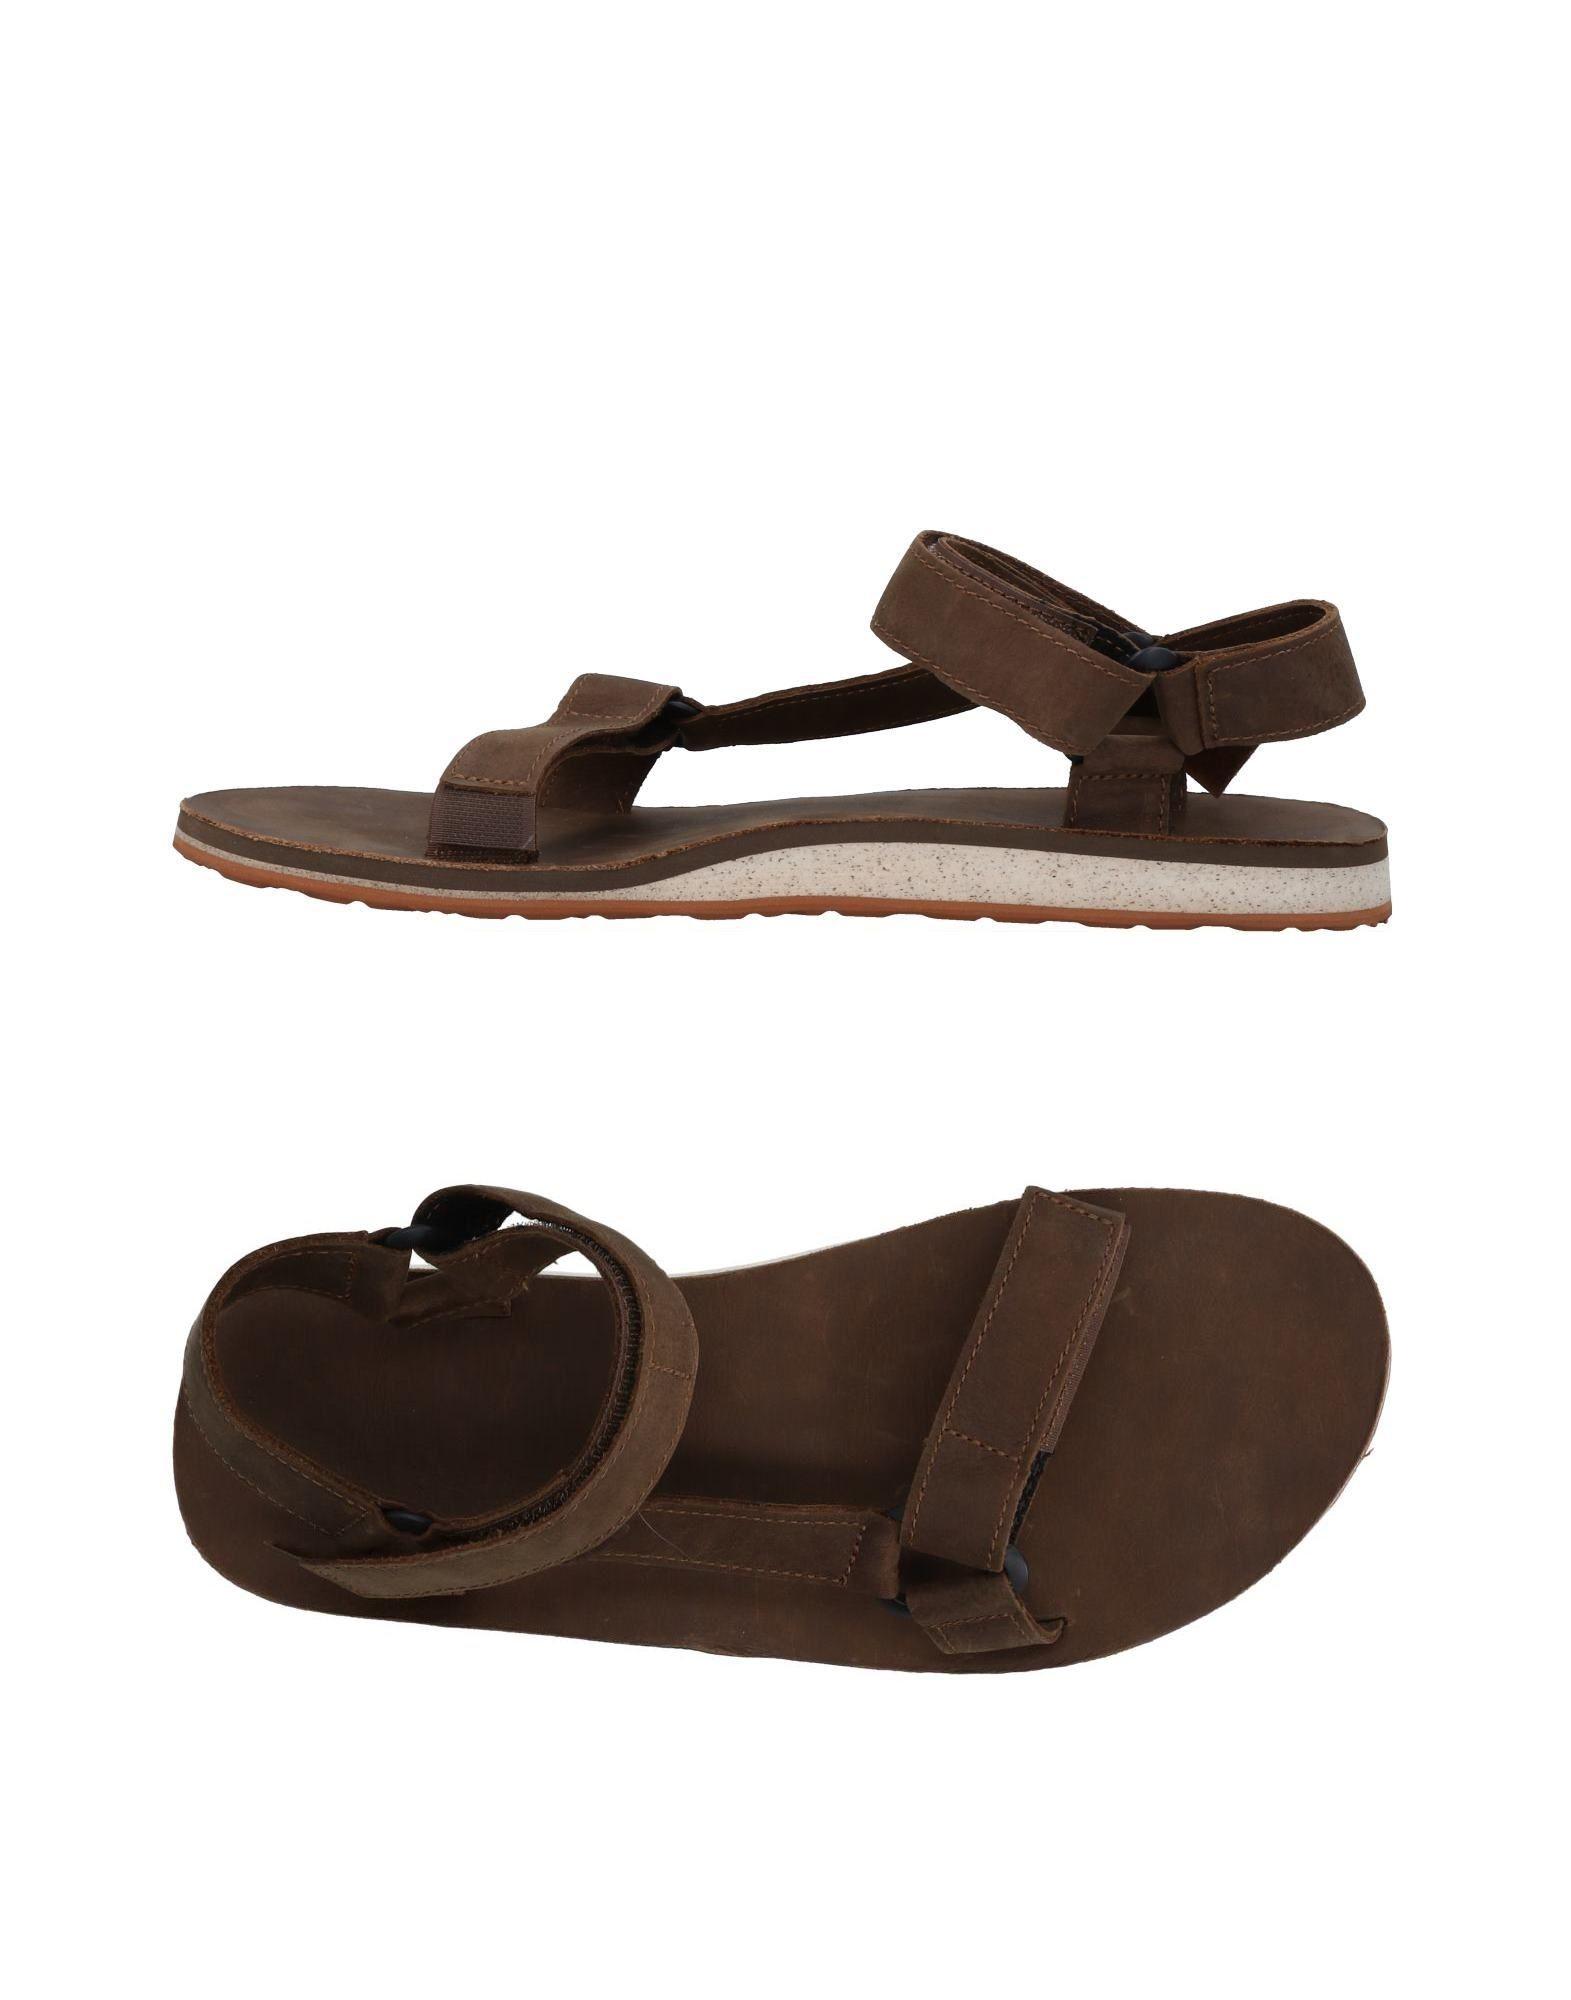 Sandales Teva Homme - Sandales Teva sur